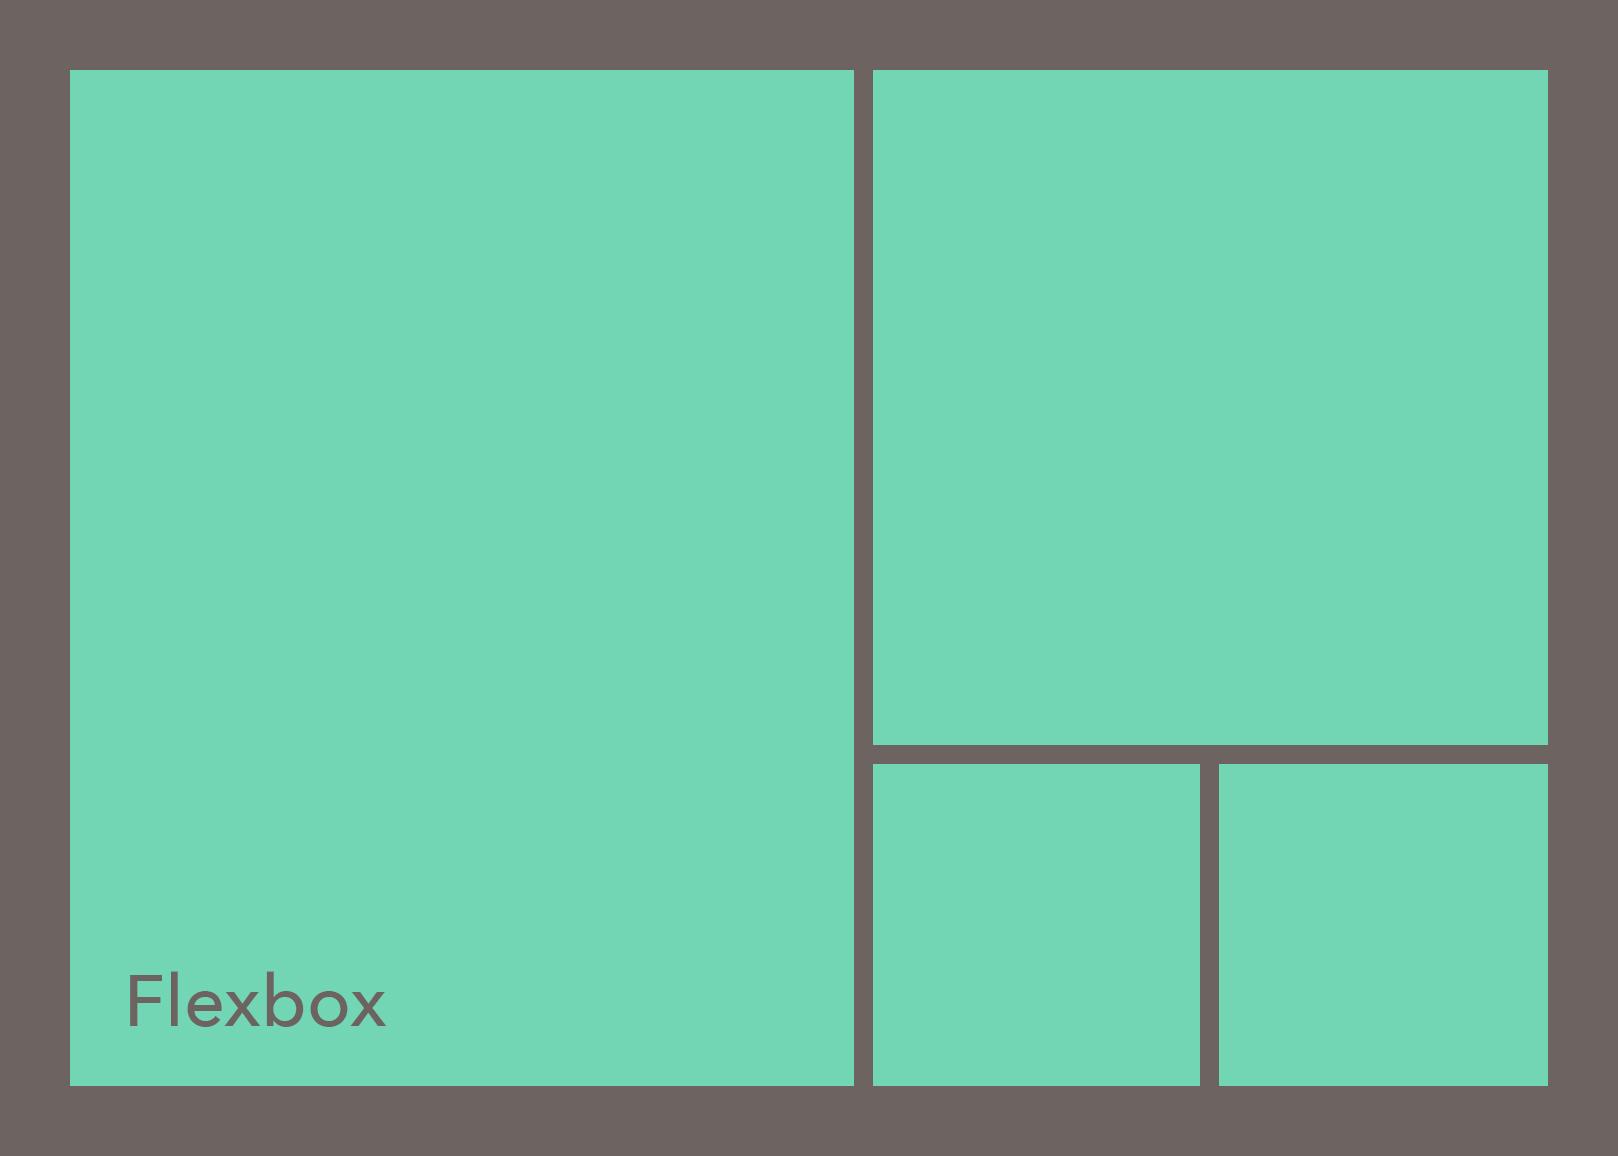 Flexbox: Building a navigation bar (Part 2/2